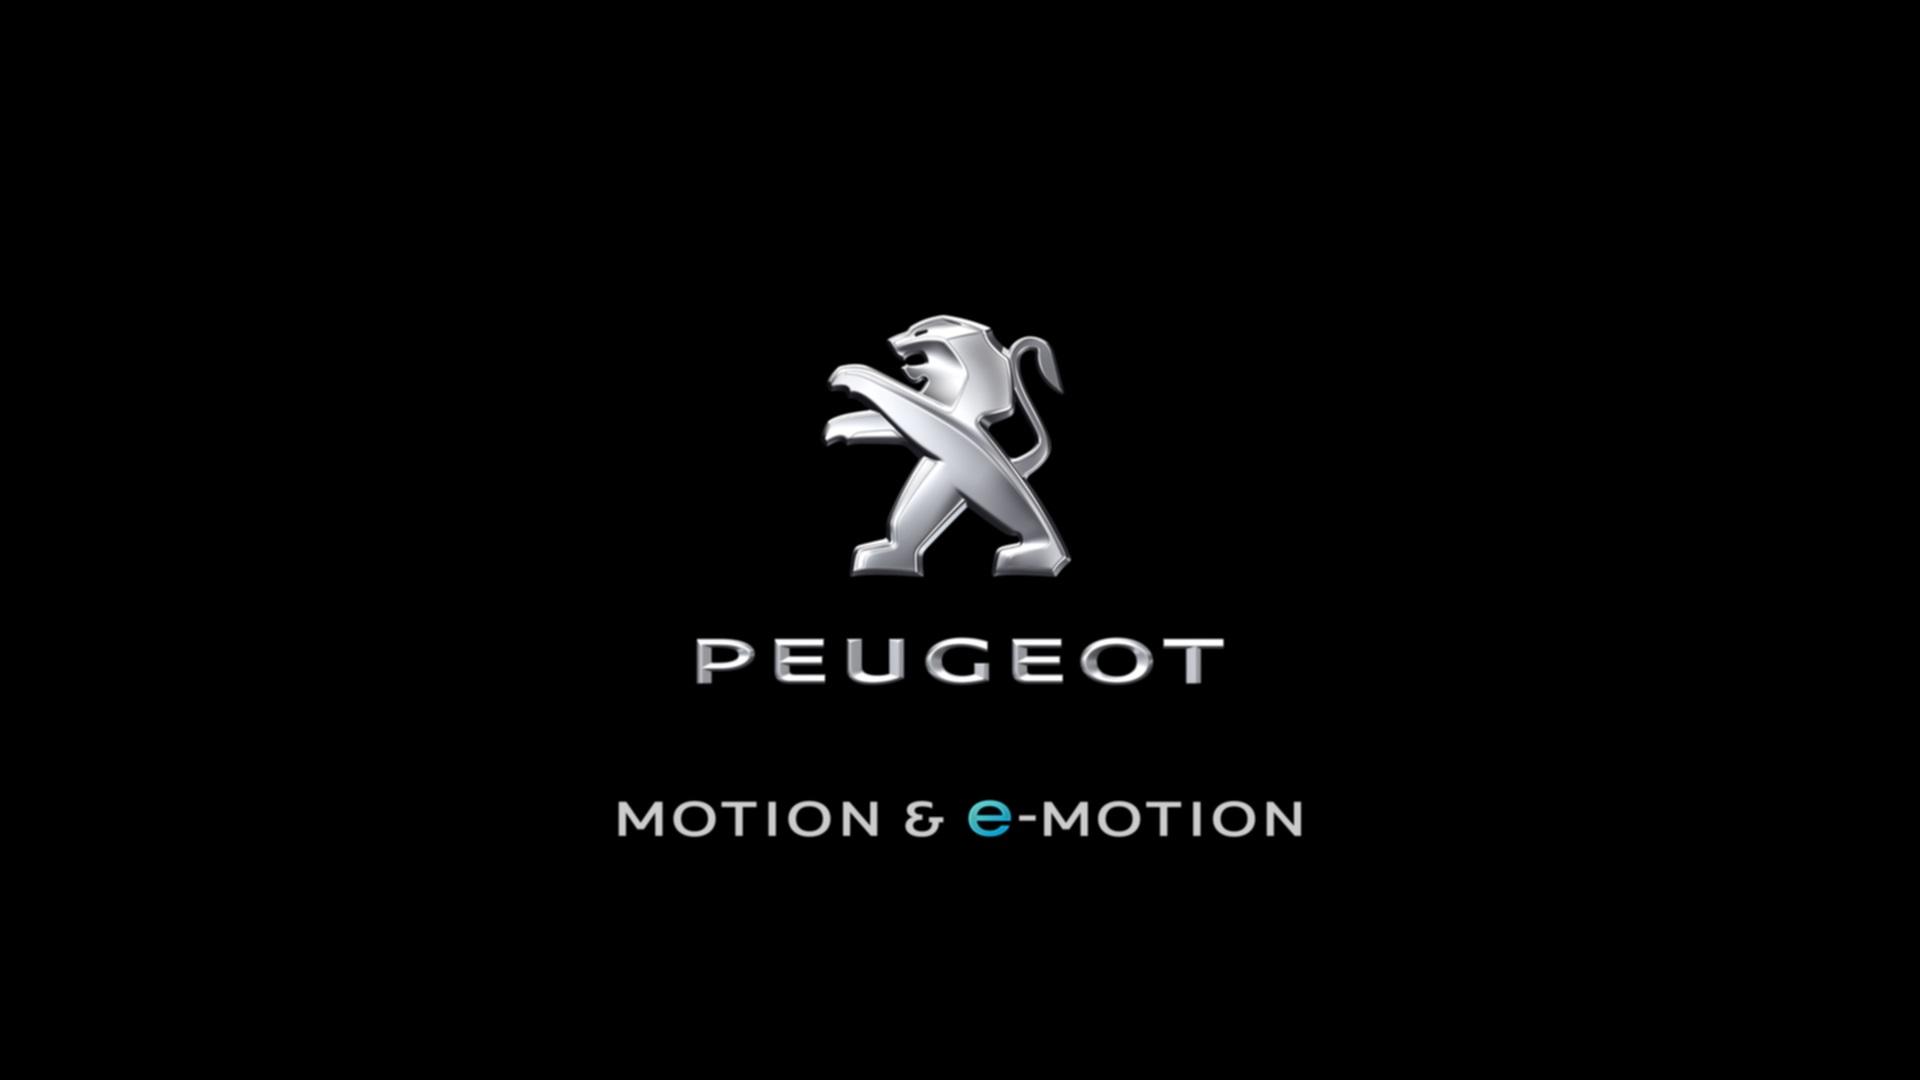 Peugeot заявила о электрификации бренда и озвучила новый слоган